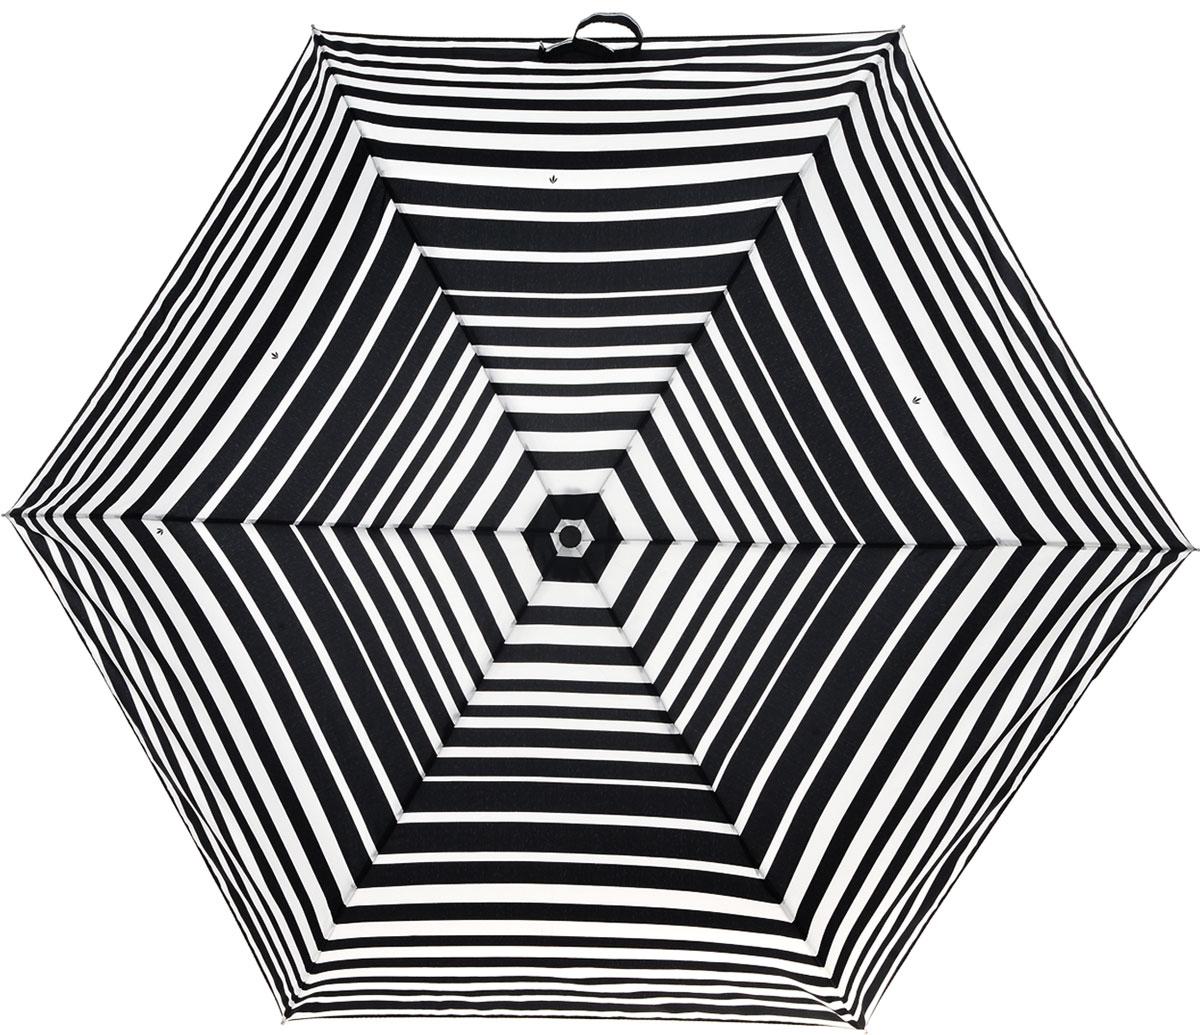 Зонт женский Fulton Superslim, механический, 3 сложения, цвет: черный, белый. L553-31543.7-12 navyСтильный механический зонт Fulton Superslim в 3 сложения даже в ненастную погоду позволит вам оставаться элегантной. Облегченный каркас зонта выполнен из 6 спиц из фибергласса и алюминия, стержень также изготовлен из алюминия, удобная круглая рукоятка - из пластика. Купол зонта выполнен из прочного полиэстера и оформлен принтом в полоску. В закрытом виде застегивается хлястиком на липучку. Зонт механического сложения: купол открывается и закрывается вручную до характерного щелчка. На рукоятке для удобства есть небольшой шнурок, позволяющий при необходимости надеть зонт на руку. К зонту прилагается чехол, который дополнительно застегивается на липучку.Такой зонт компактно располагается в глубоком кармане, сумочке, дверке автомобиля.